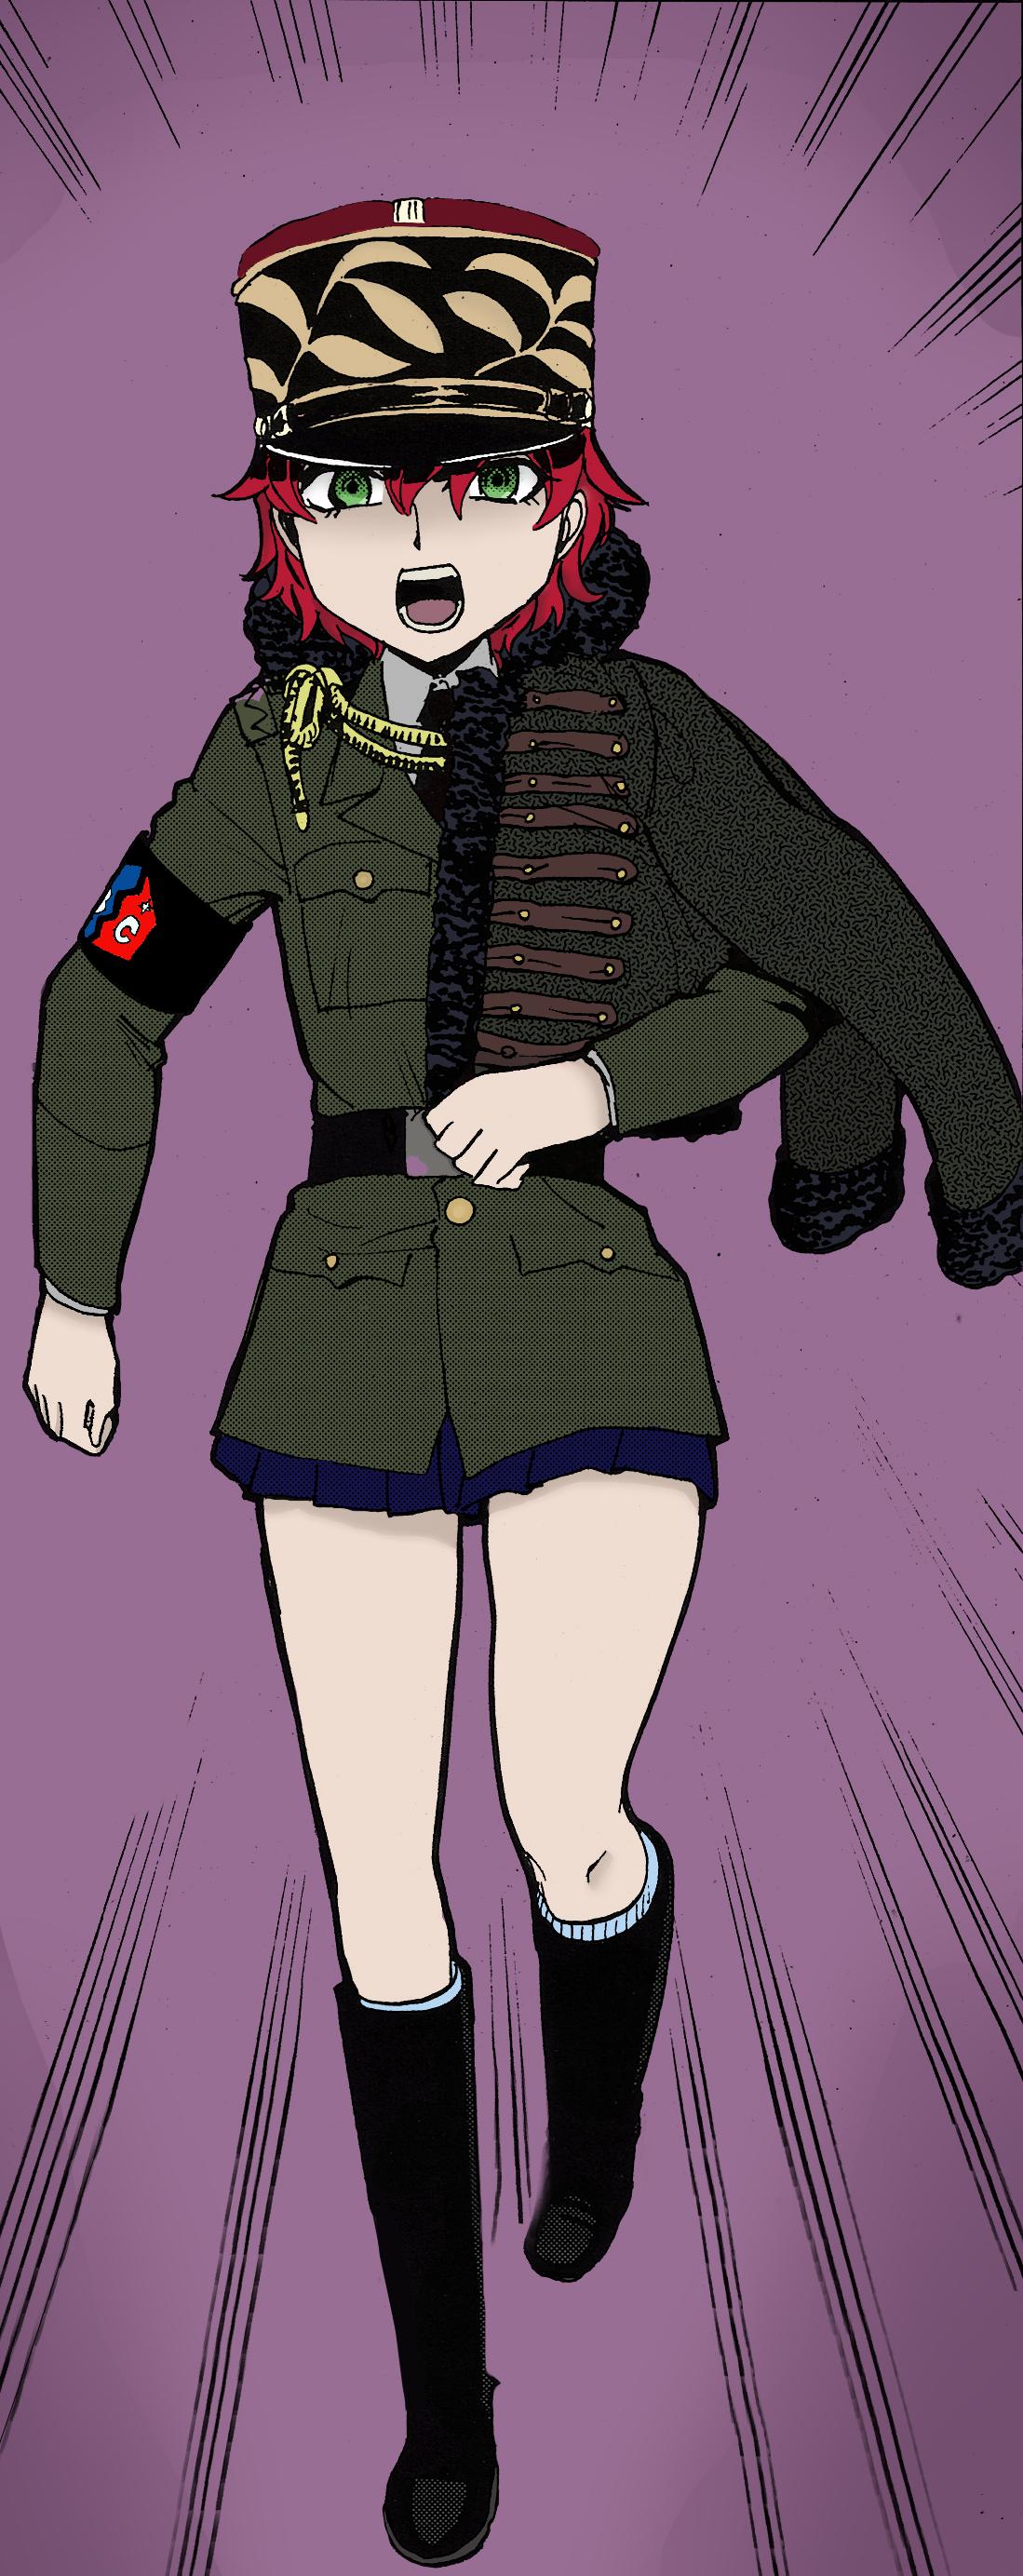 Girls und blindado, panzer espargos